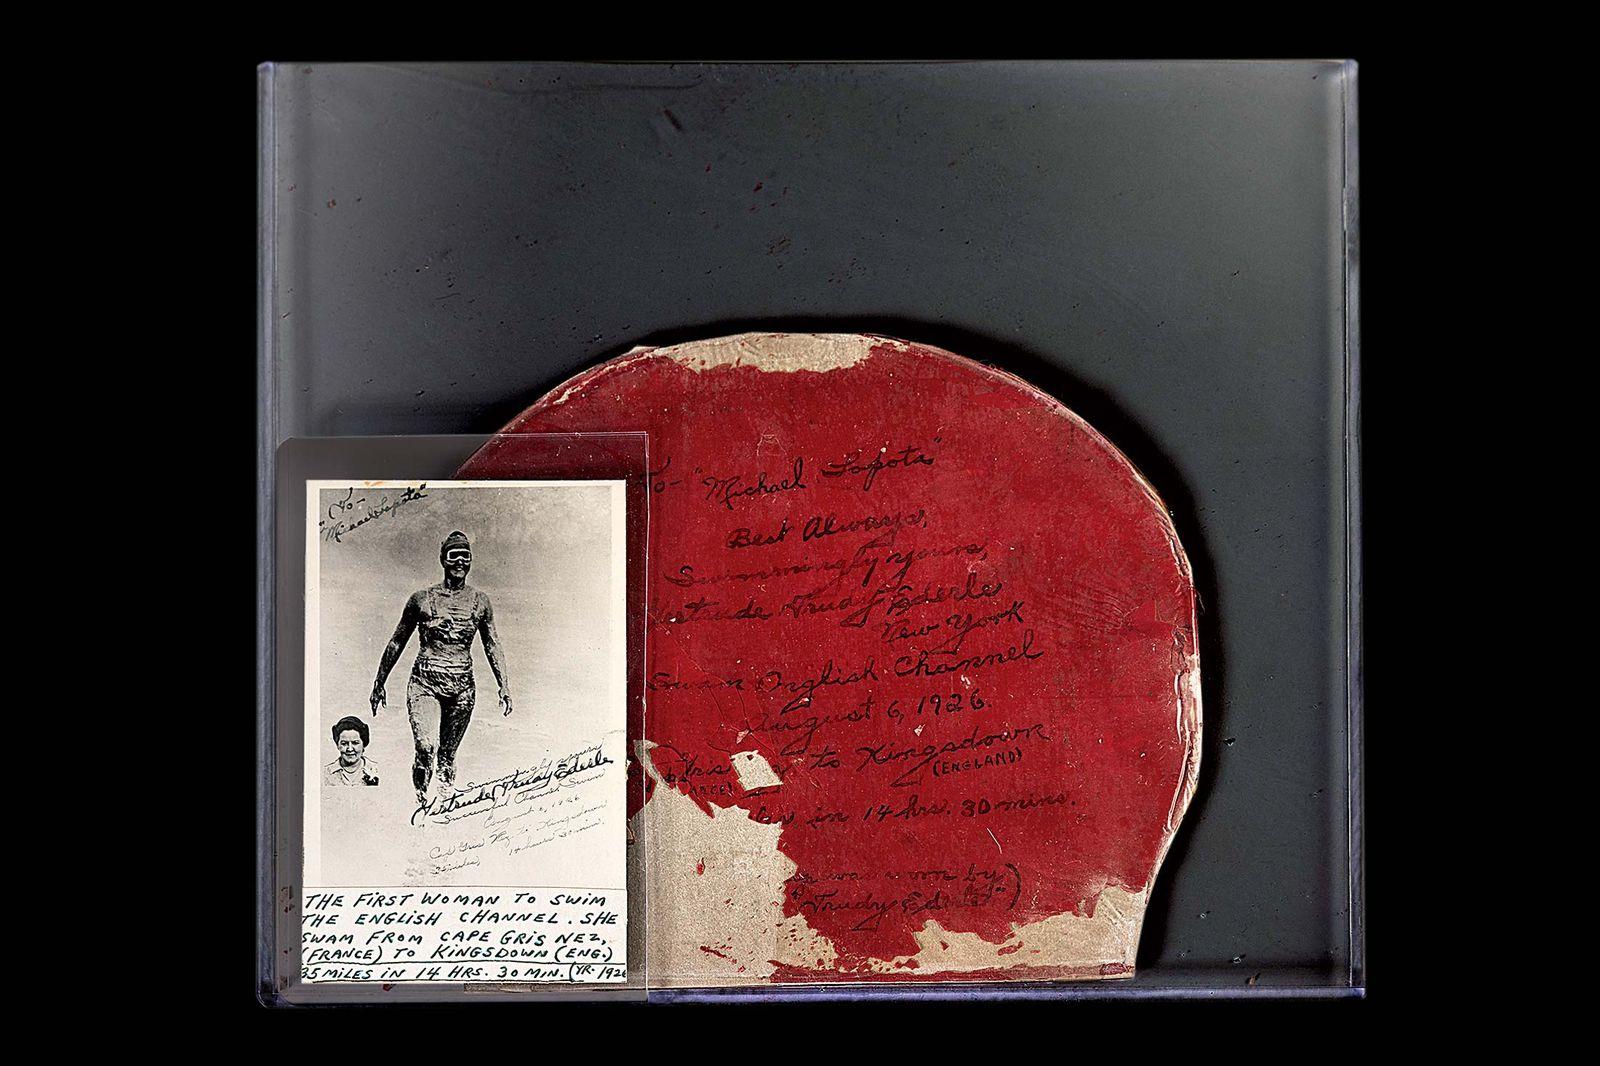 Шапочка, в которой Гертруда Эдерле переплыла Ла-Манш в 1926 году